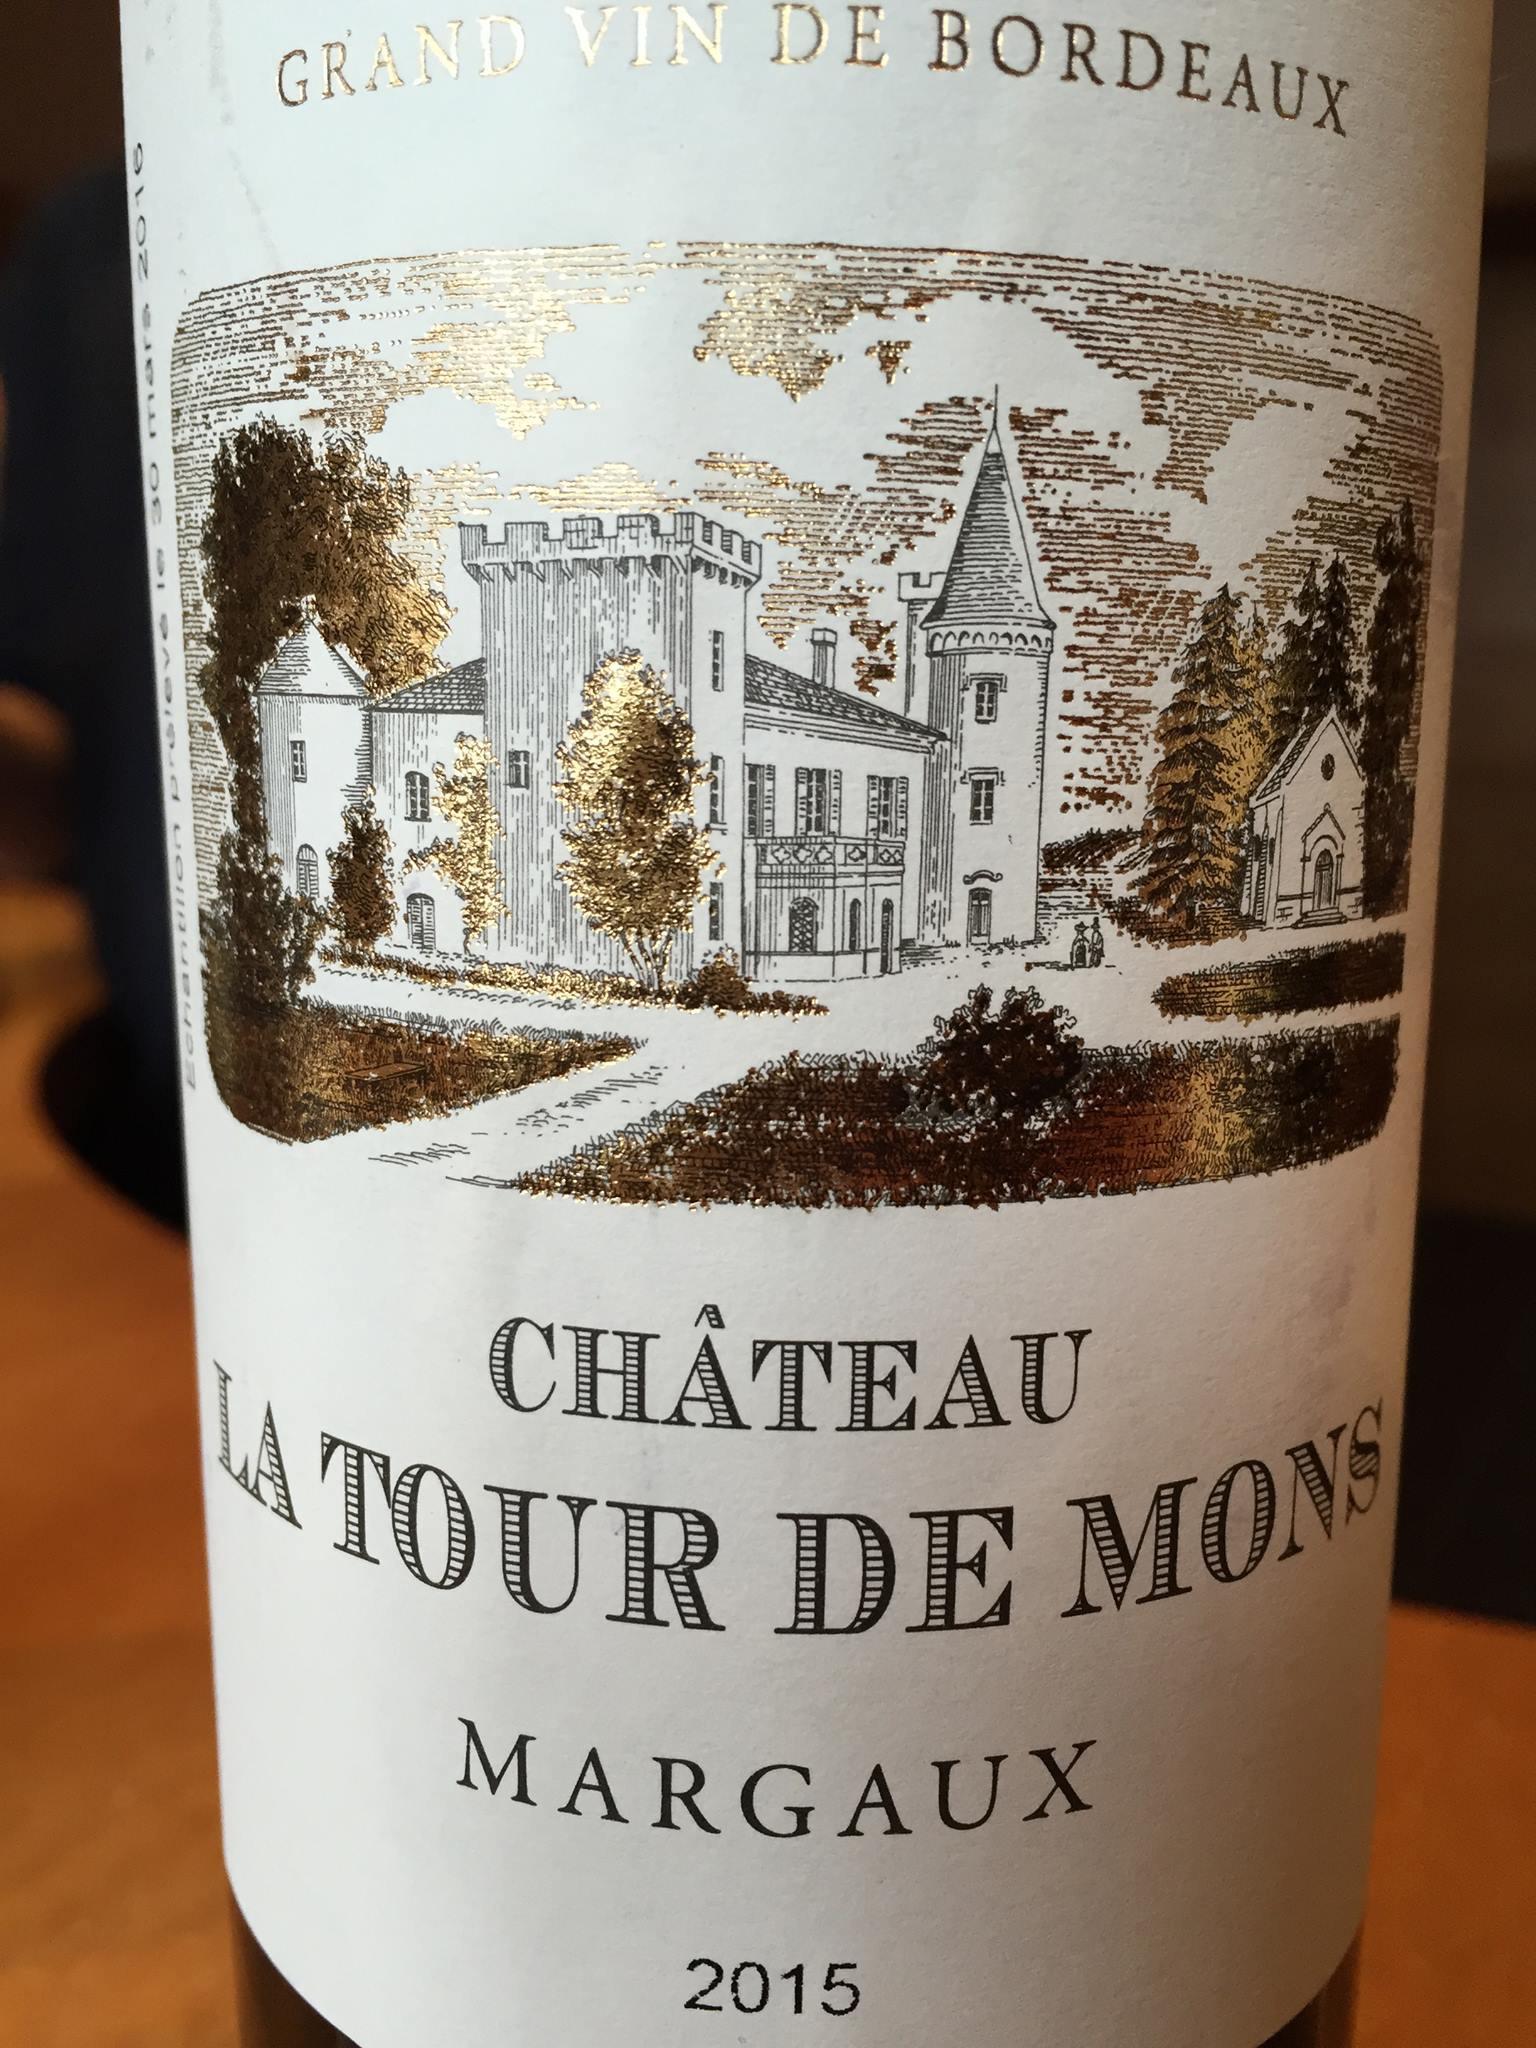 Château Tour de Mons 2015 – Margaux